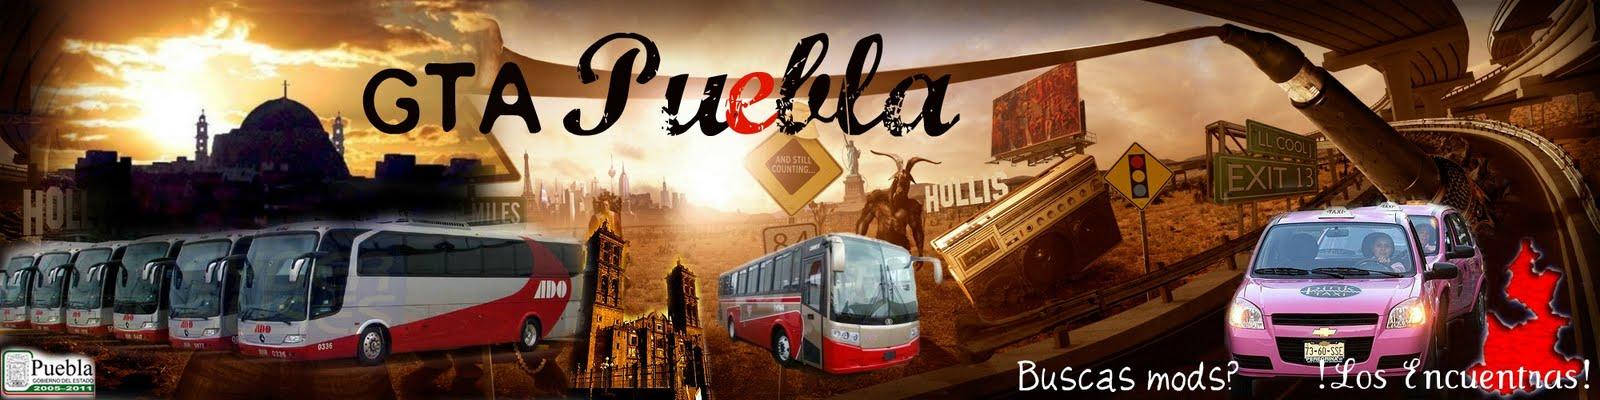 Gta Puebla